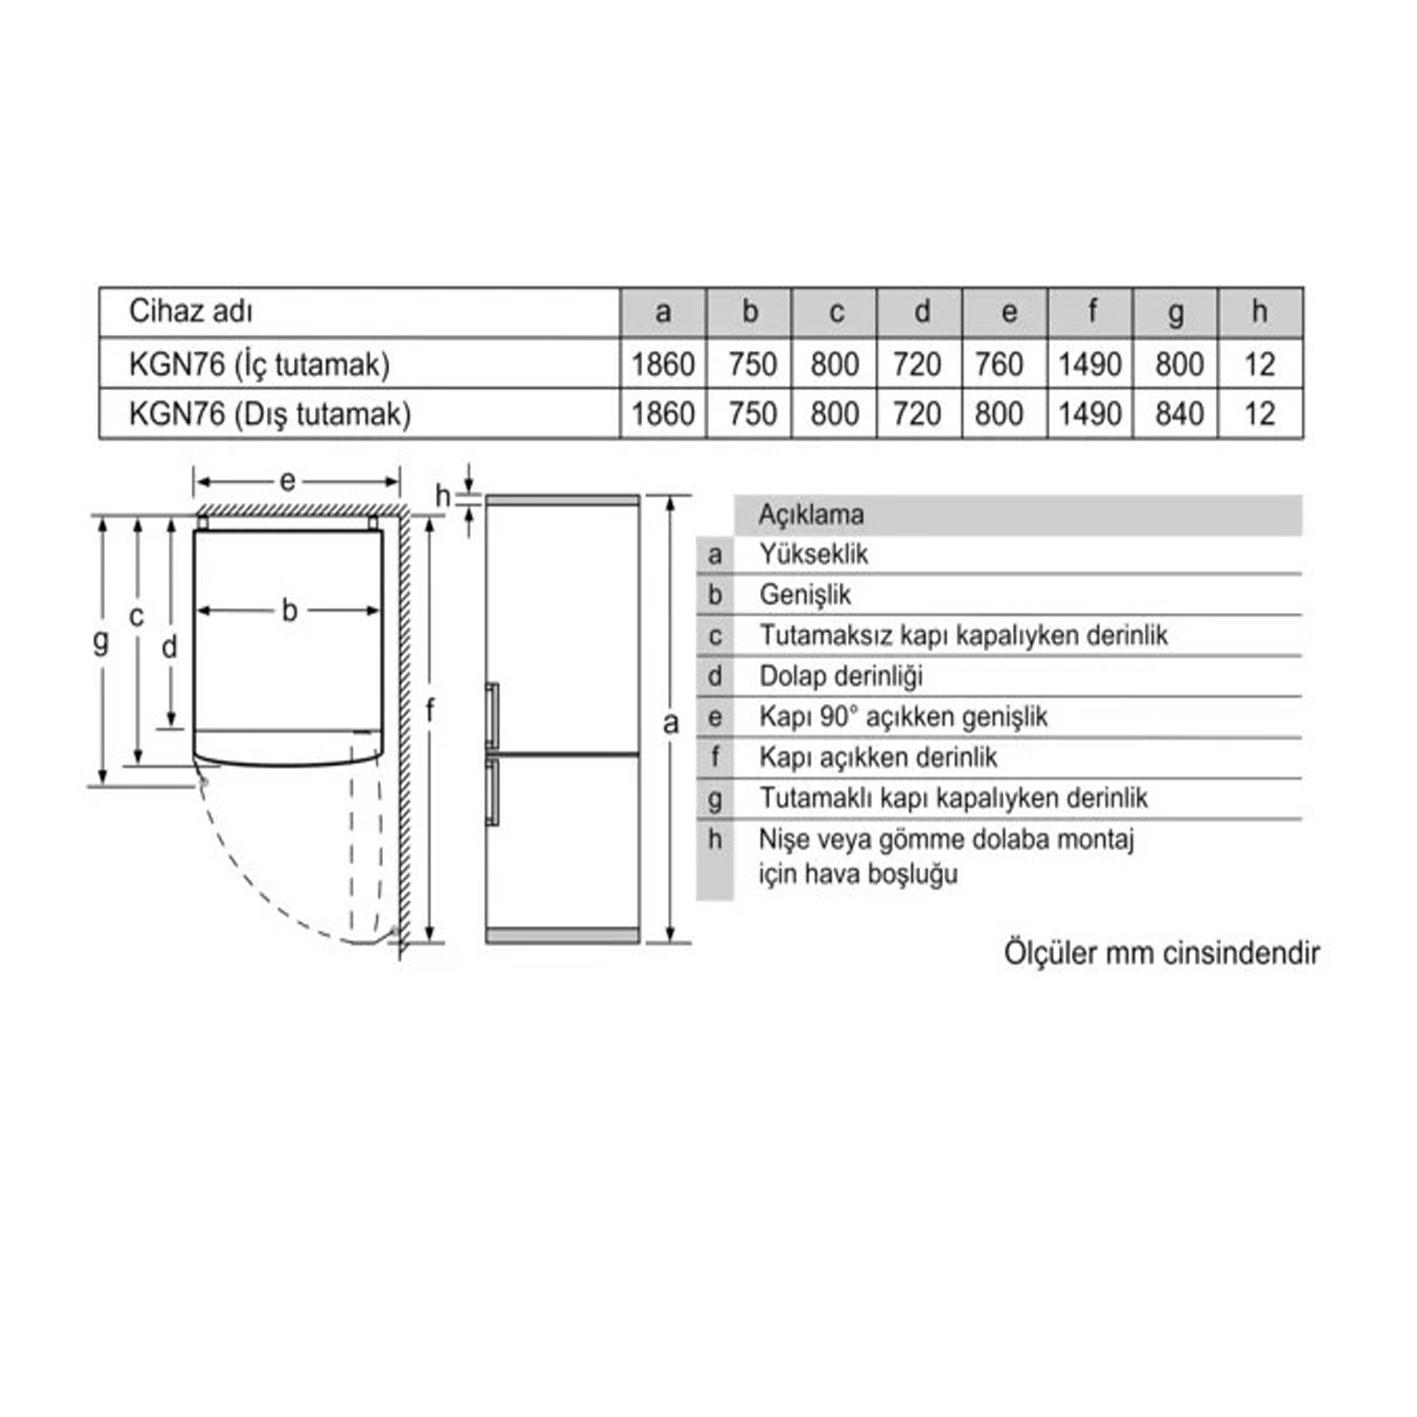 Profilo BD3176I3AN No-Frost Buzdolabı Süper Serisi XL